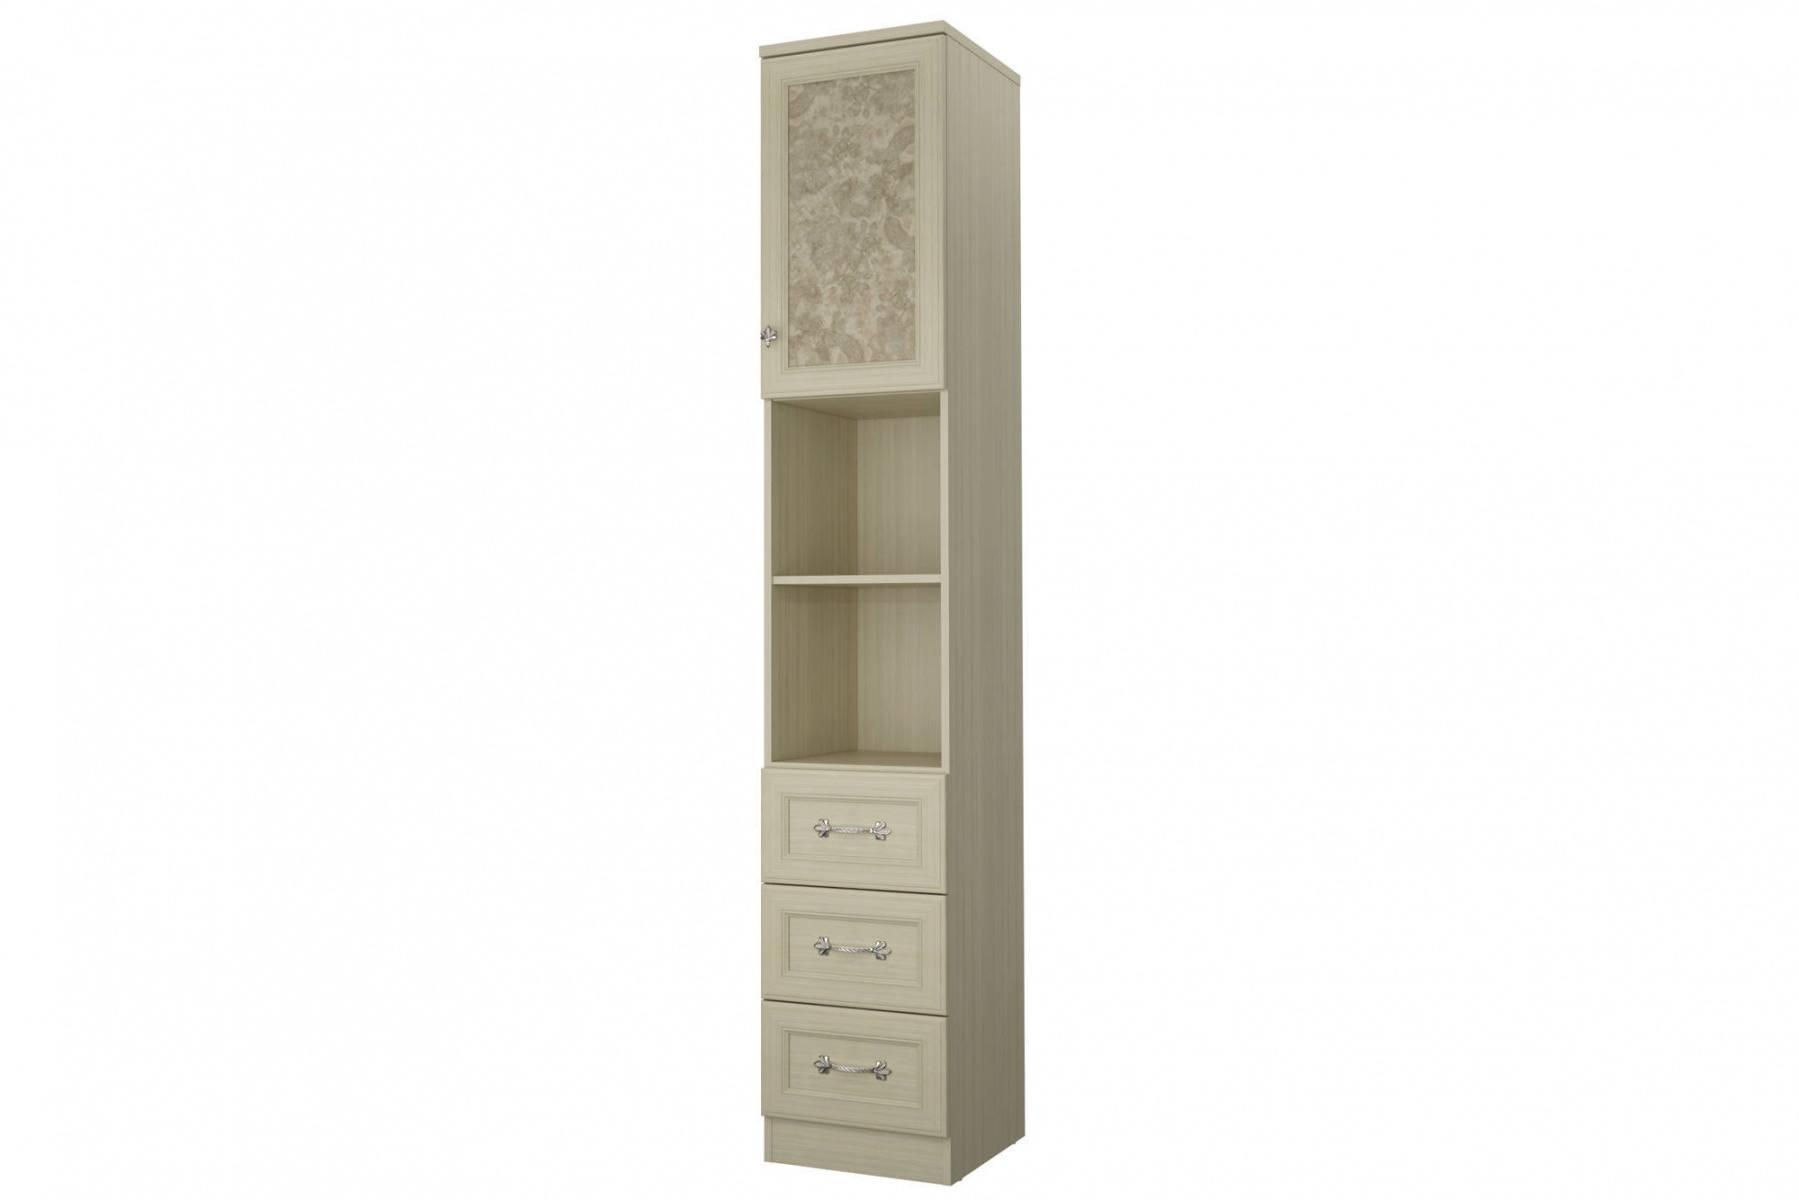 Шкаф 1 дверный Дженни СТЛ.127.21